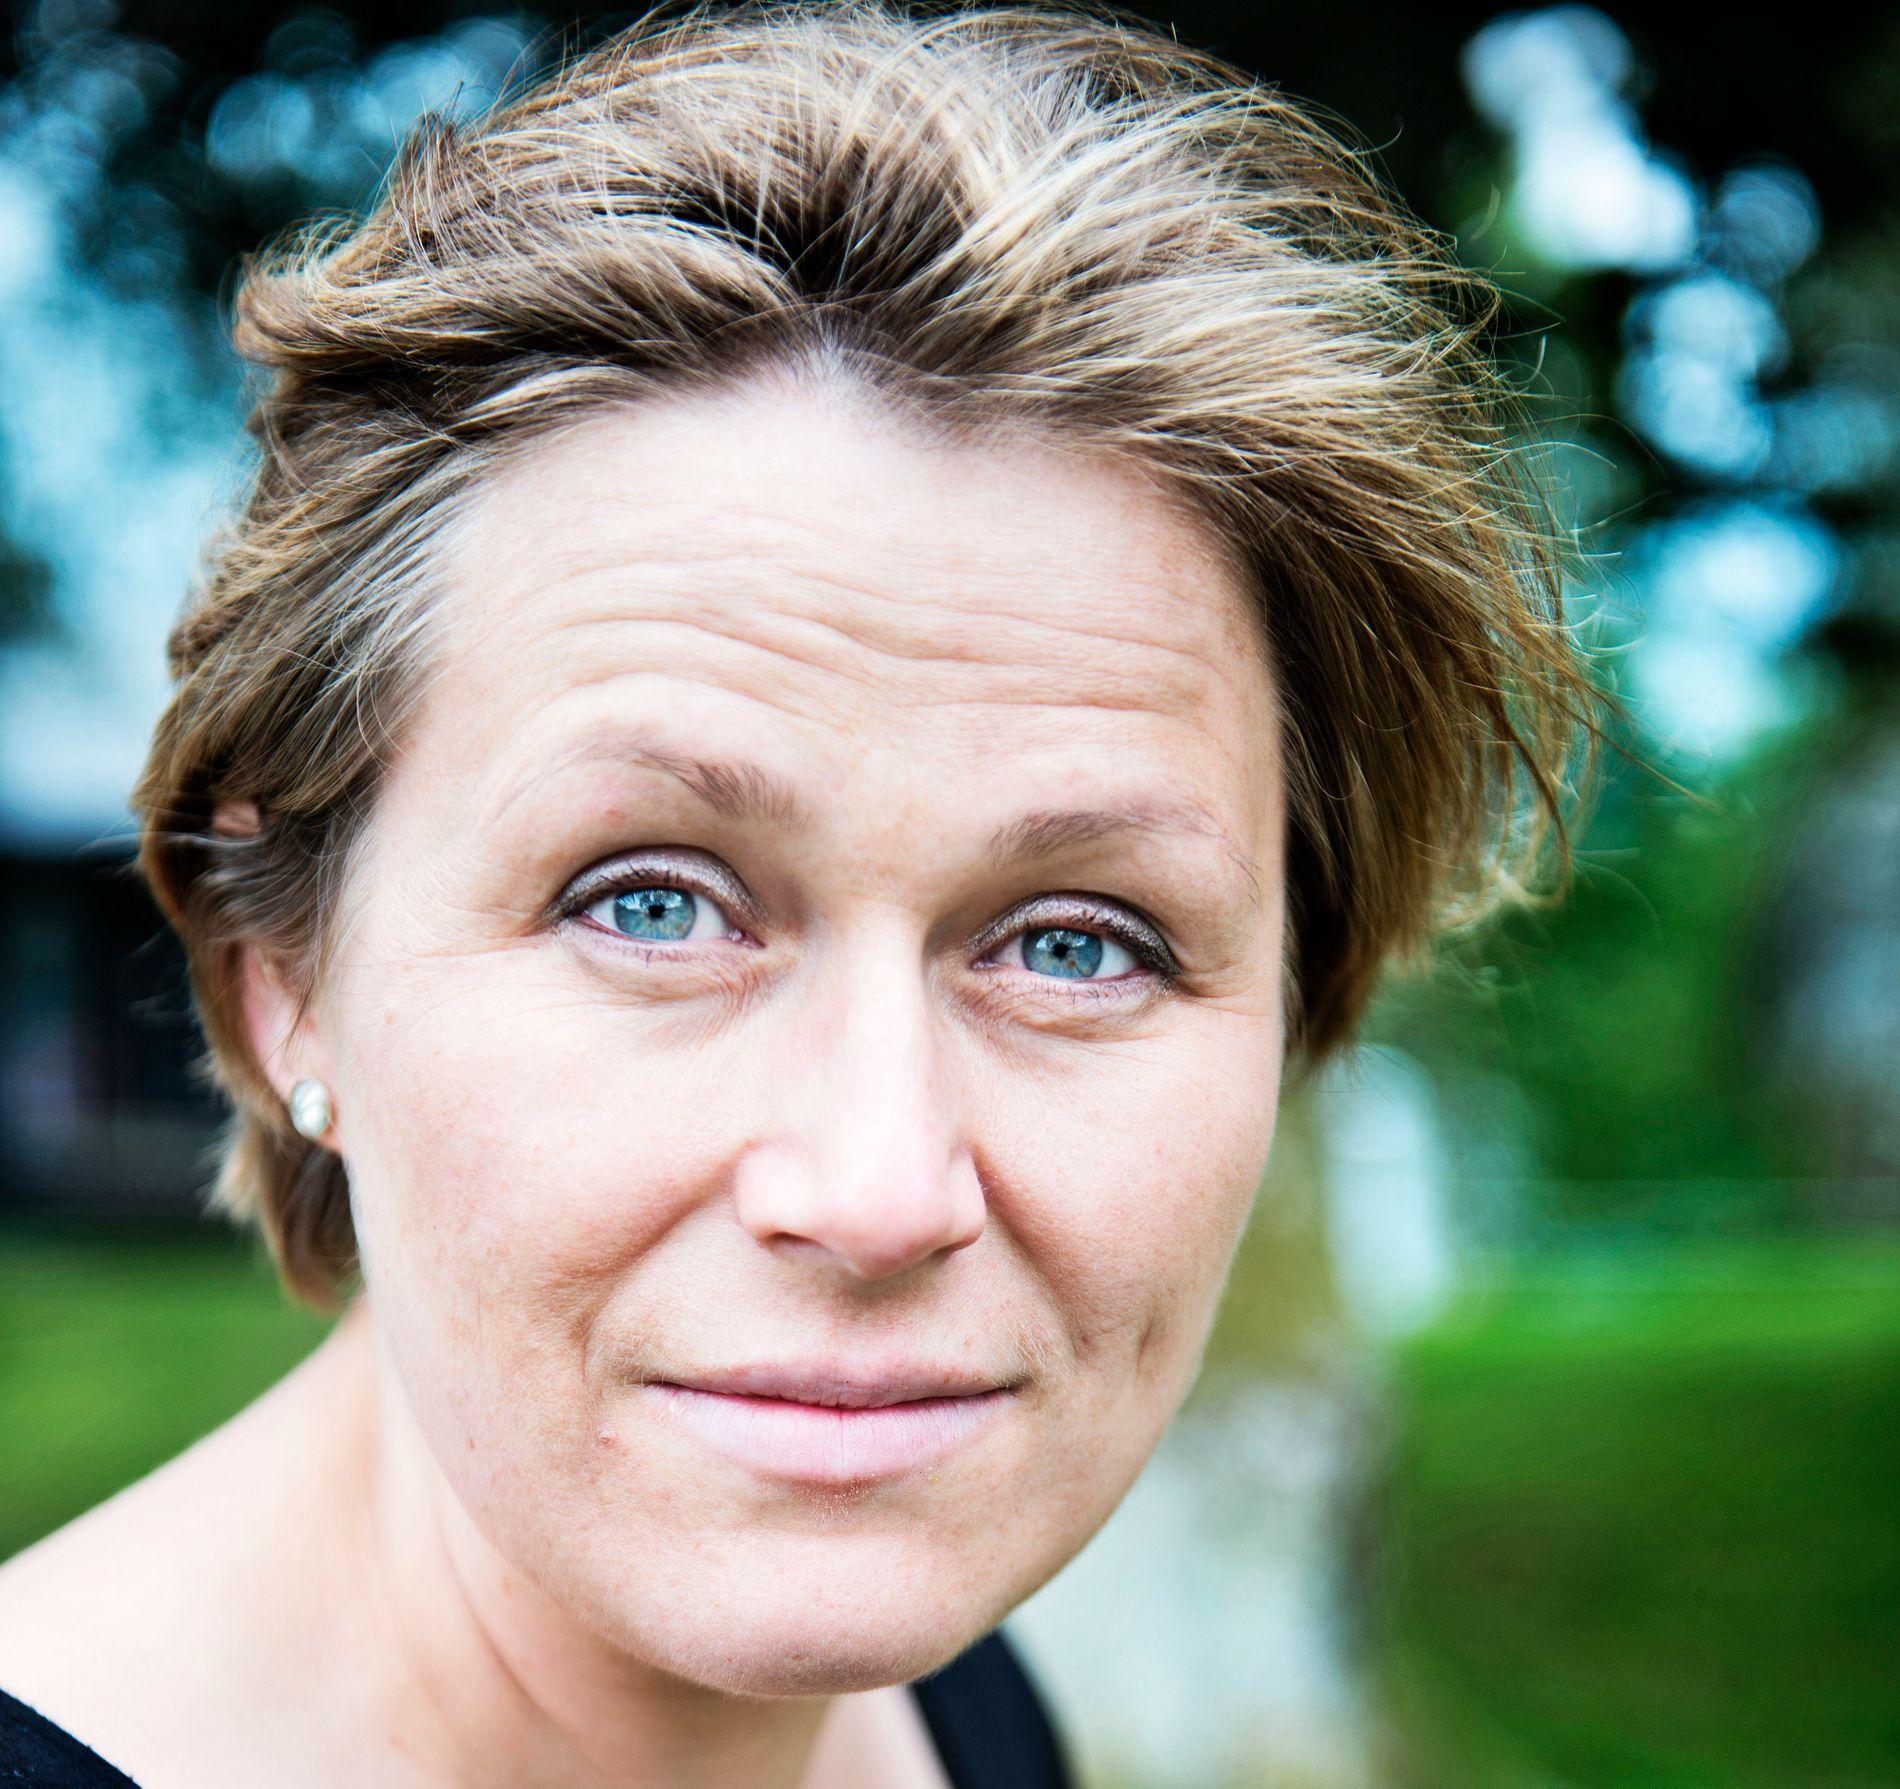 ÅRETS ROMAN: I kveld ble det klart at Olaug Nilssen (39) vant Brageprisen for romanen «Tung tids tale».